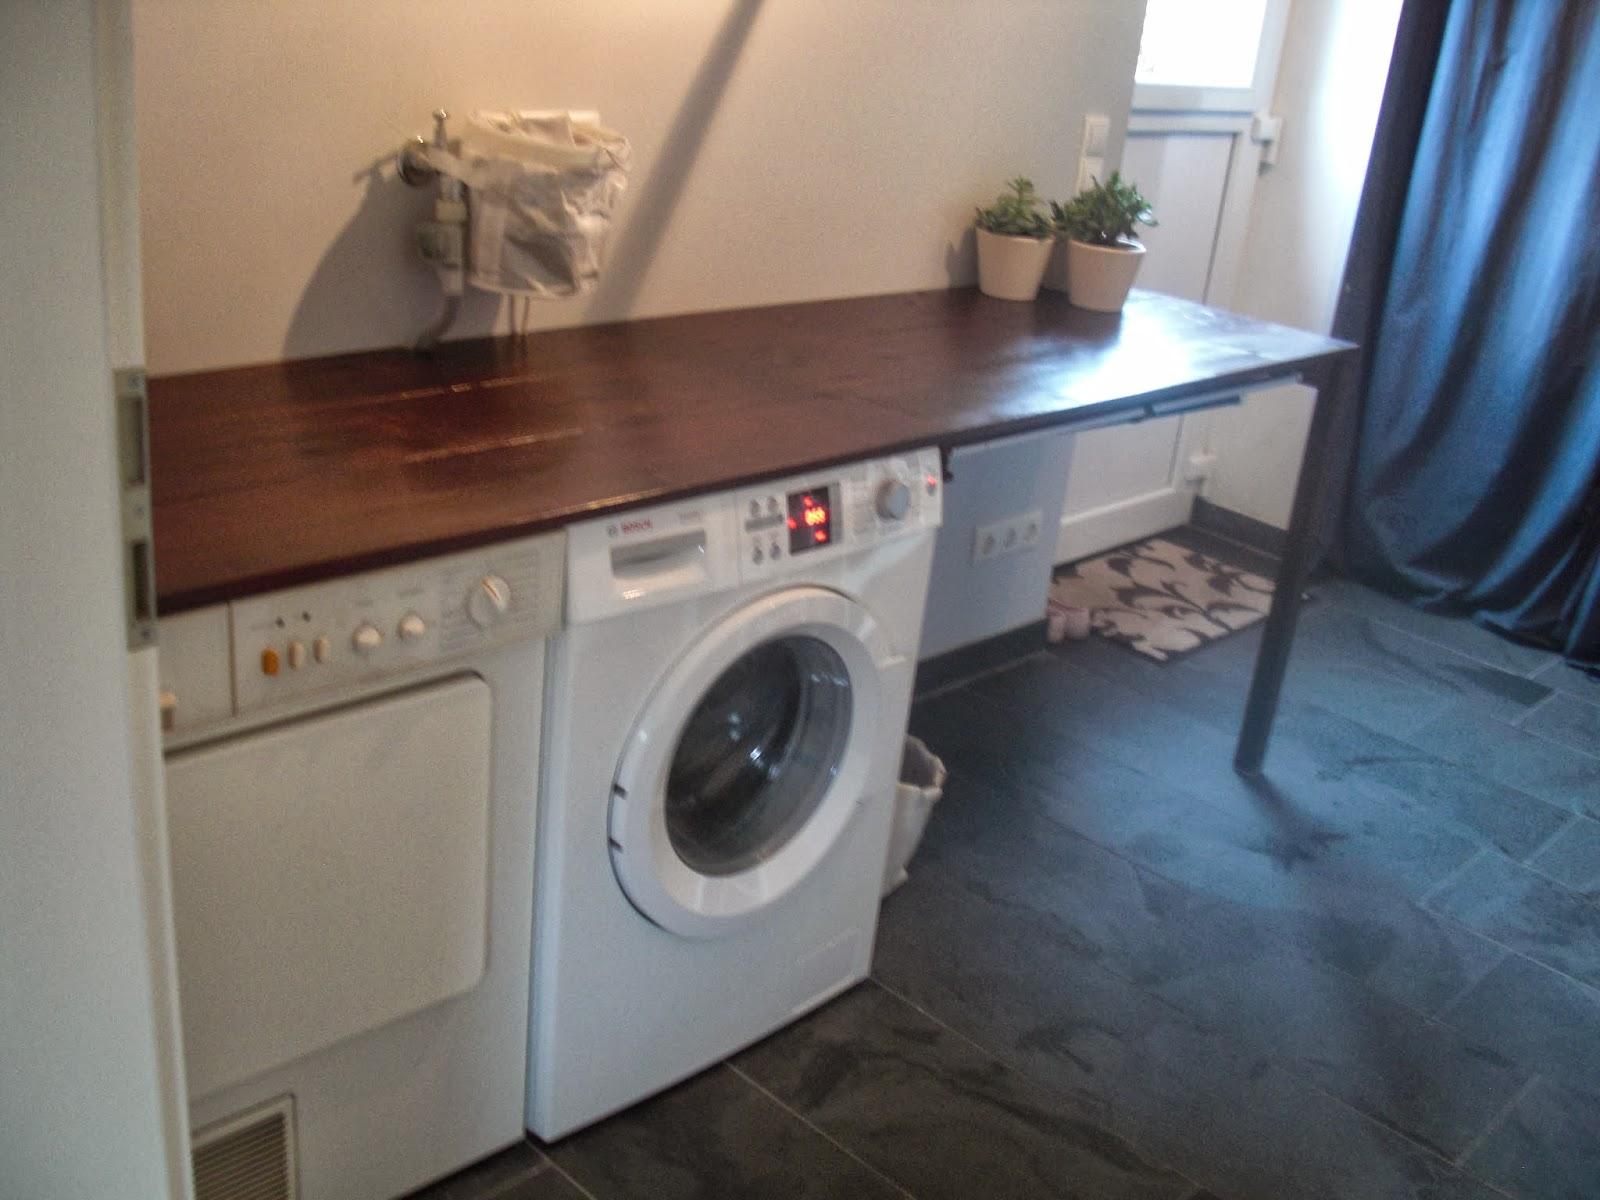 Elegant Waschmaschine Und Trockner Im Bad Verstecken Ideen